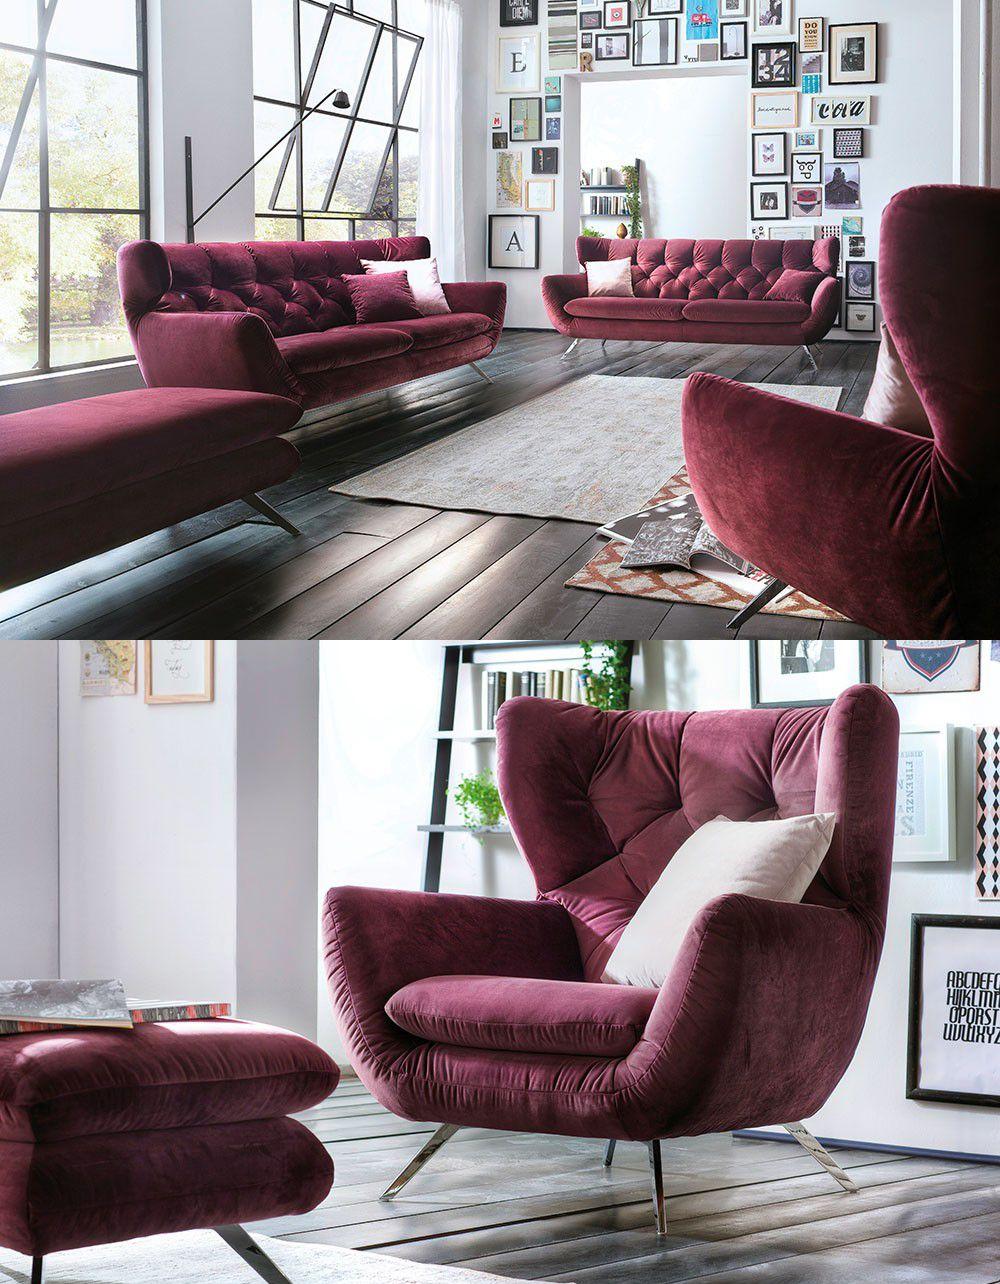 Erfrischende Polstermöbel Sixty | Design, Komfort Und Stil In Einer  Sitzgruppe Vereint! Richte Dein